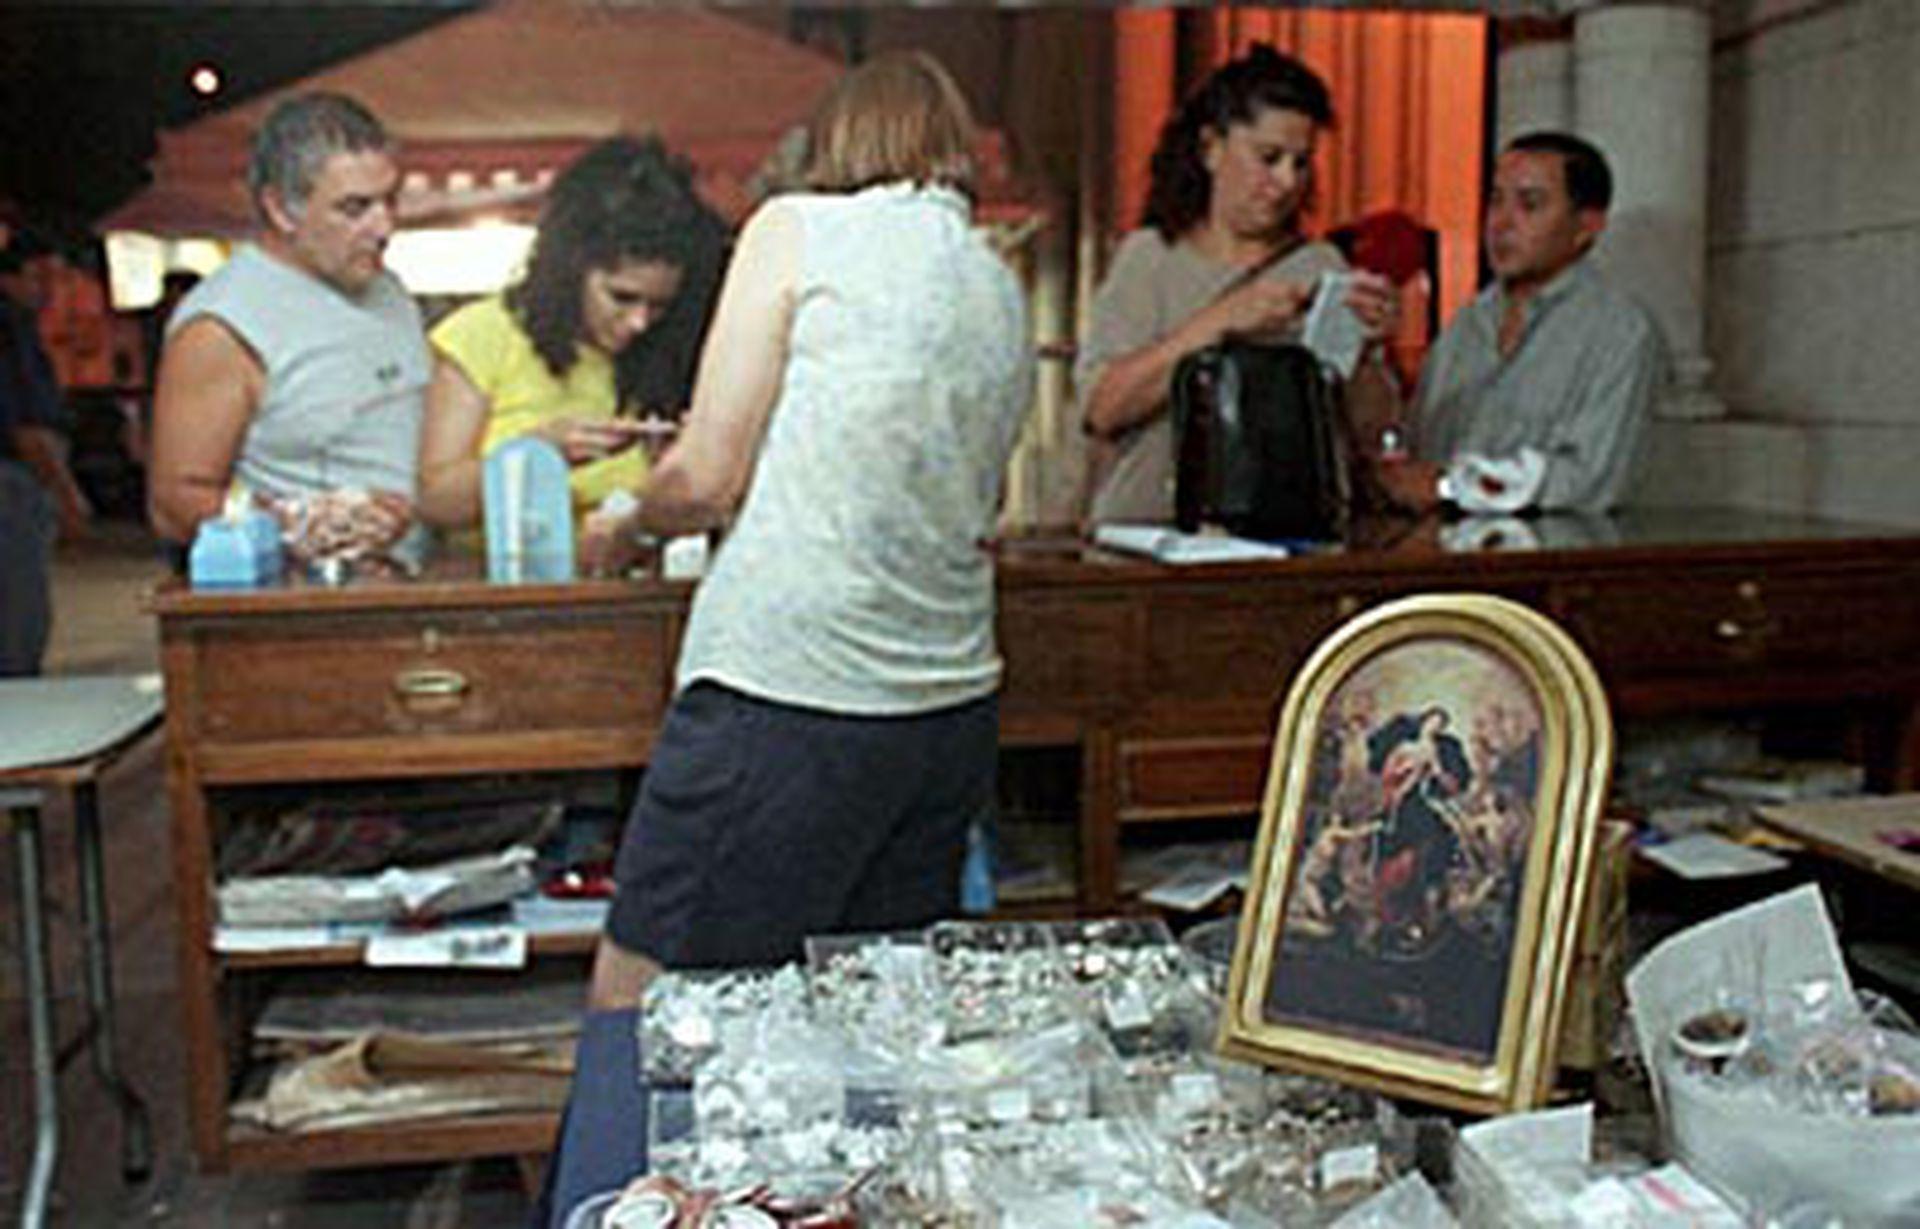 Muchas personas acuden a rezar ante la imagen de Nuestra Señora que desata los nudos